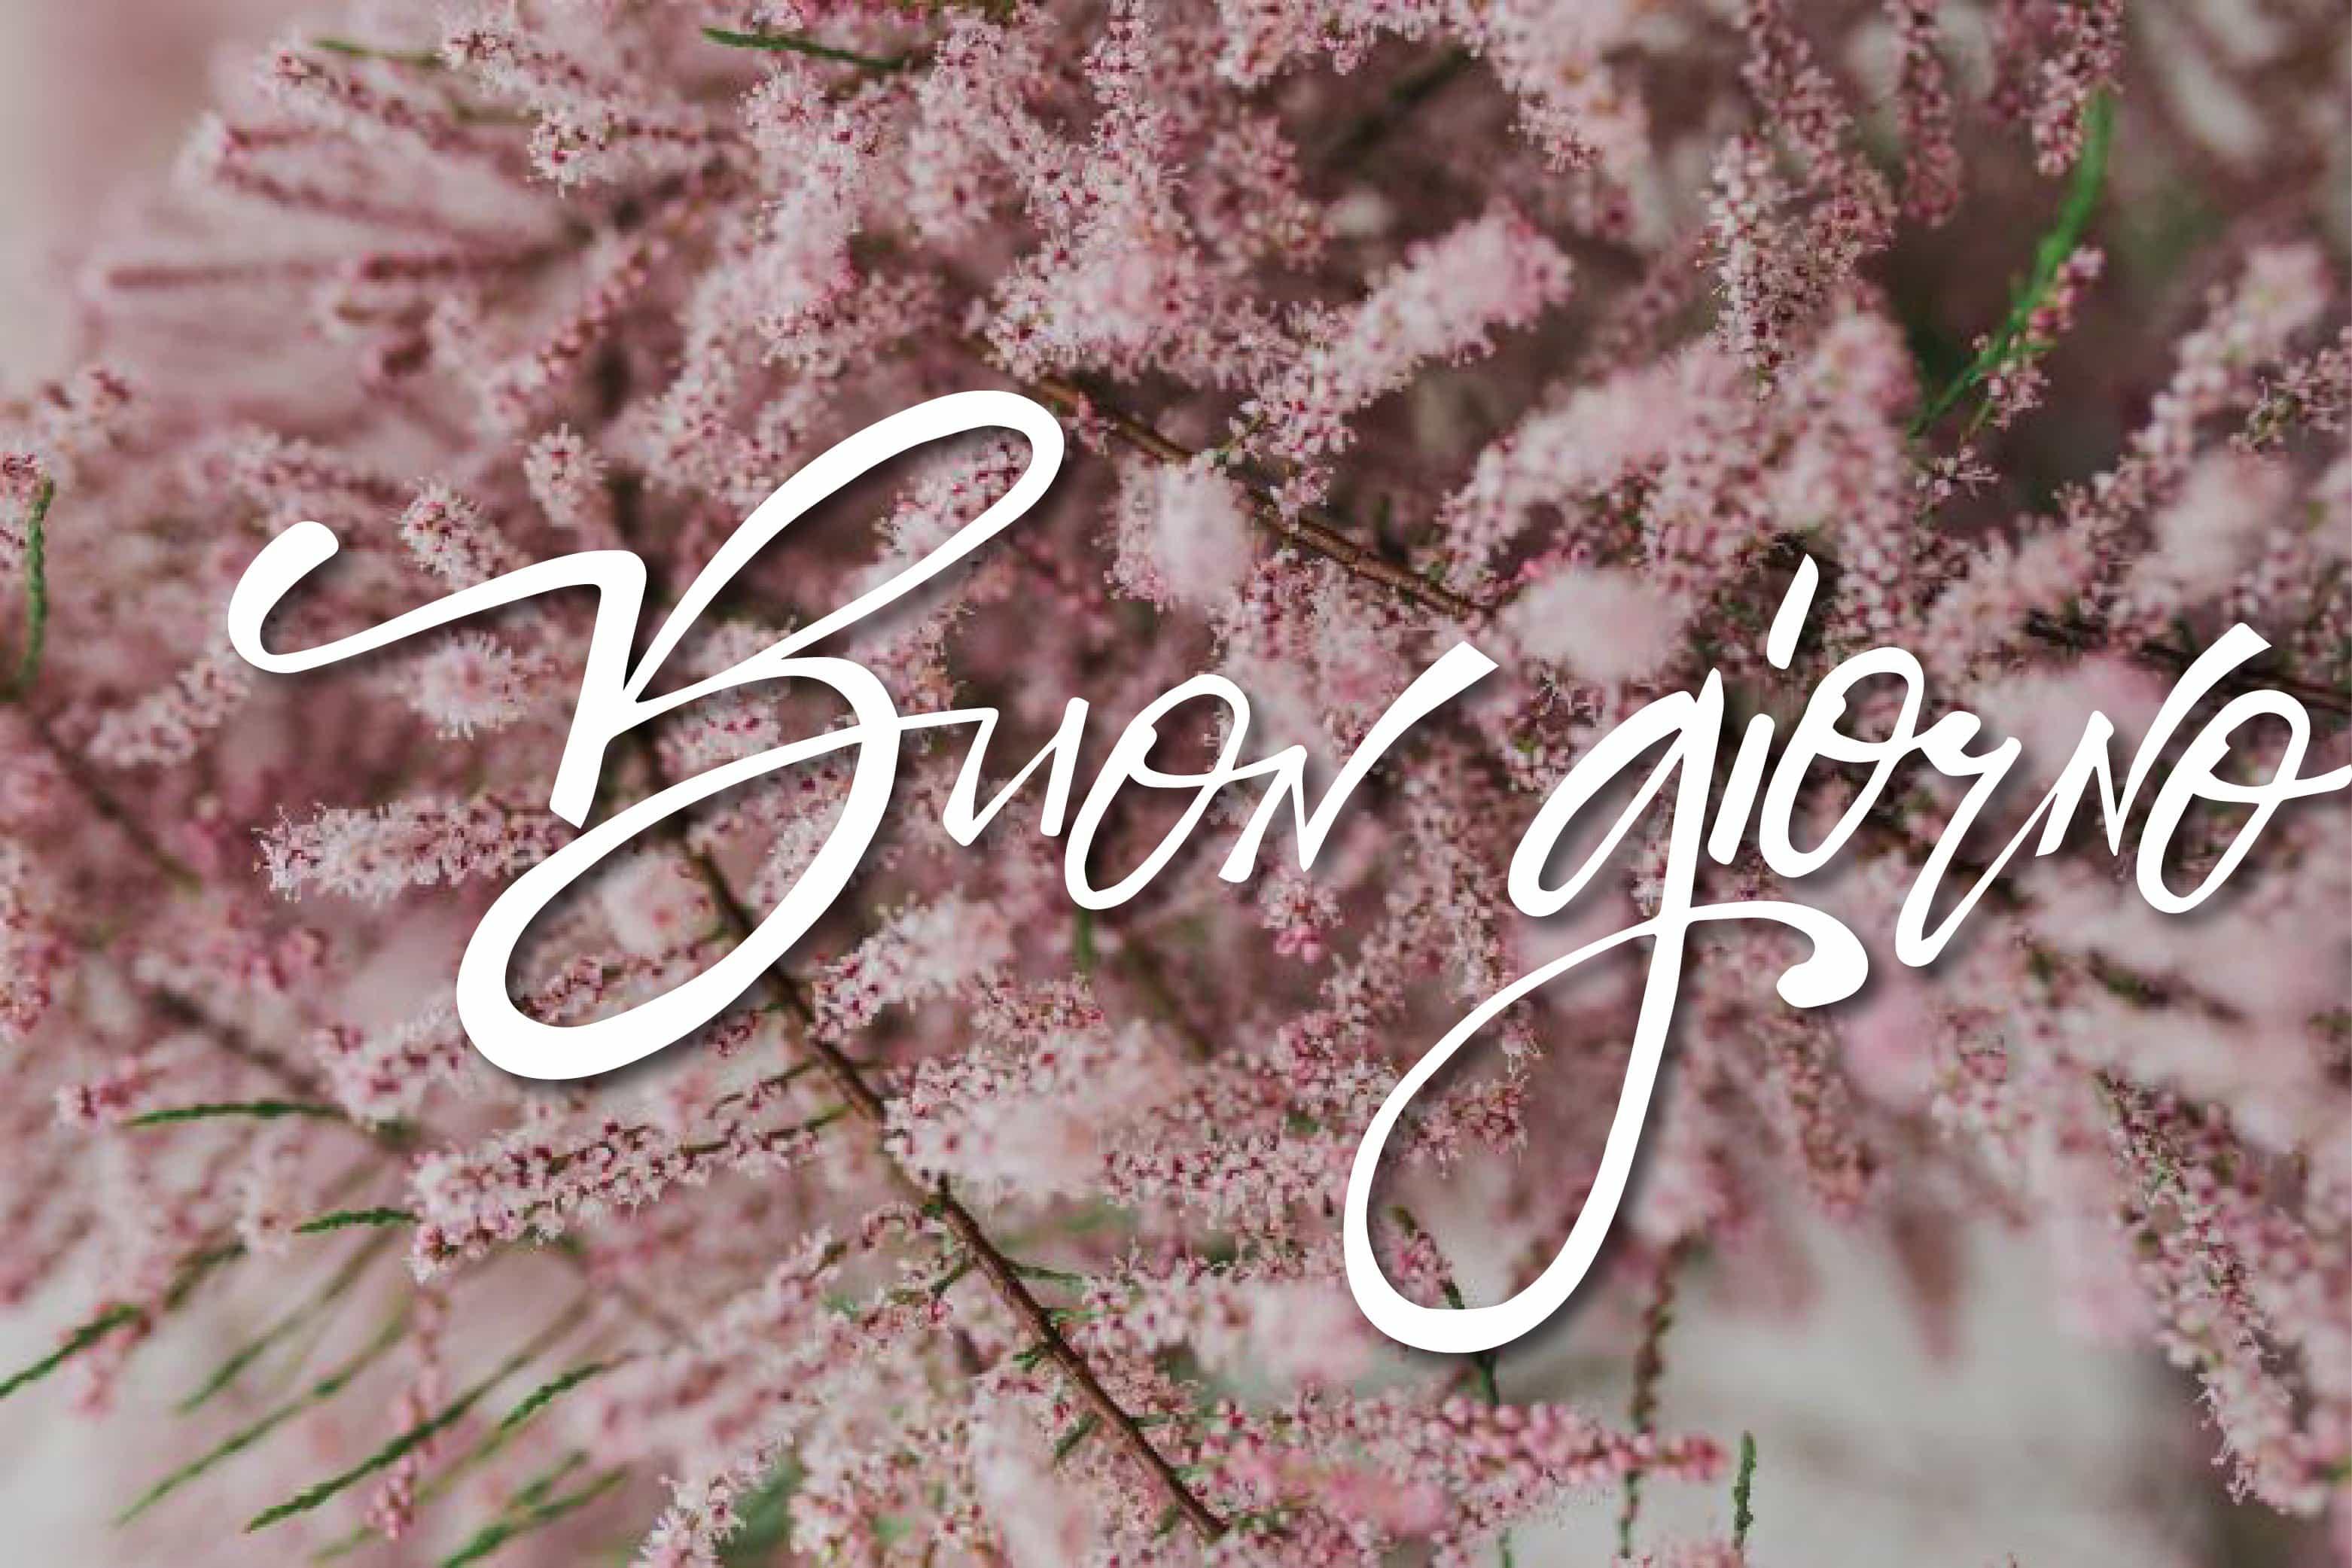 Buongiorno con i fiori – immagini belli da scaricare gratis